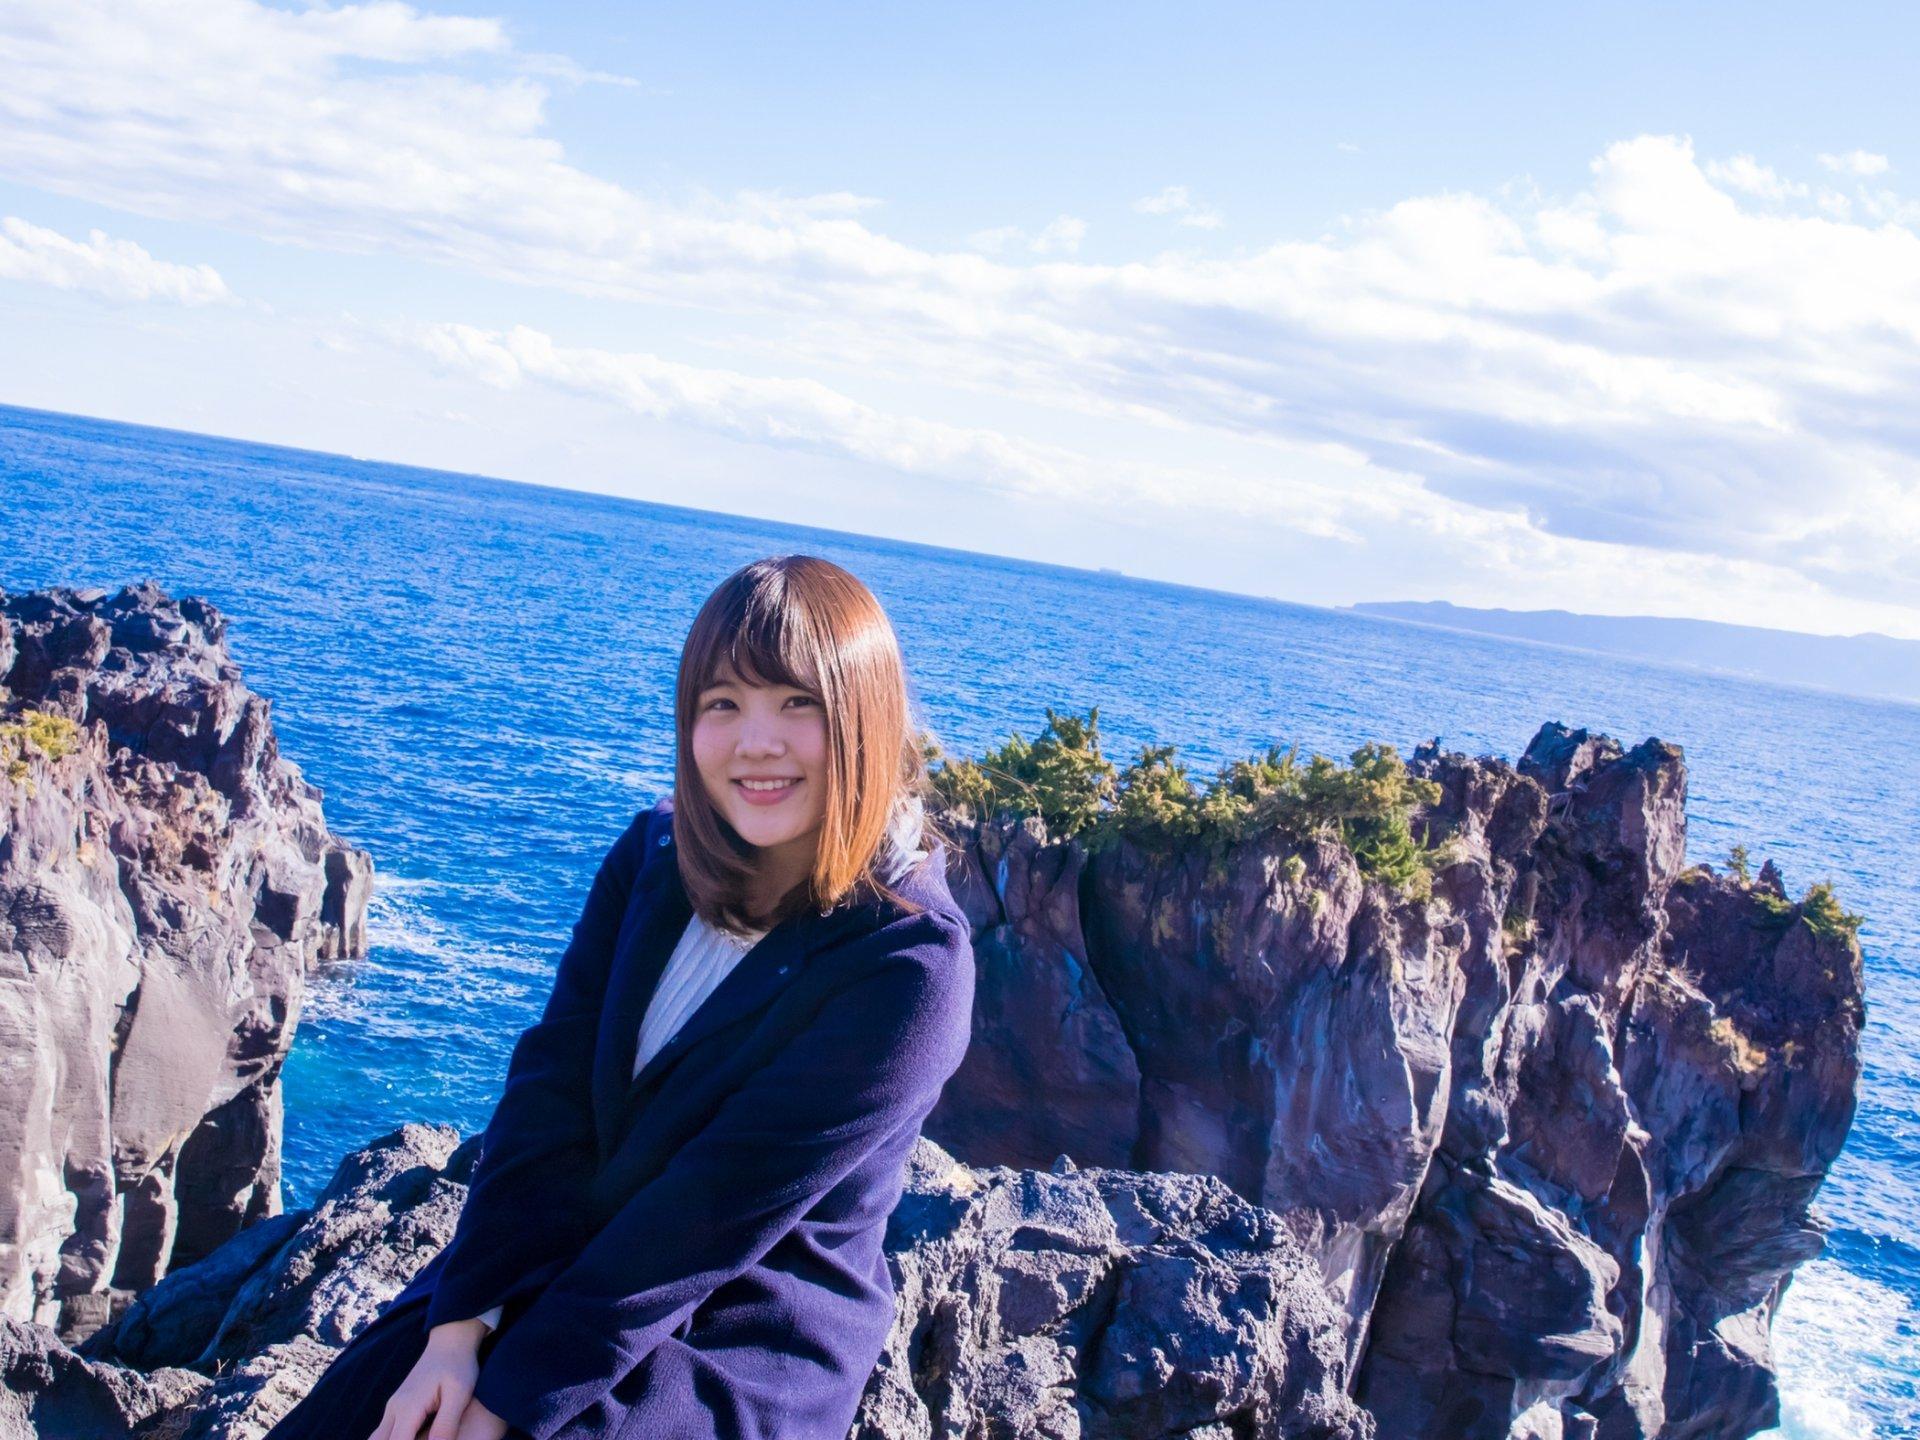 三浦半島ドライブ旅行!三浦海岸・三崎口・三崎港のグルメ&観光スポット10選